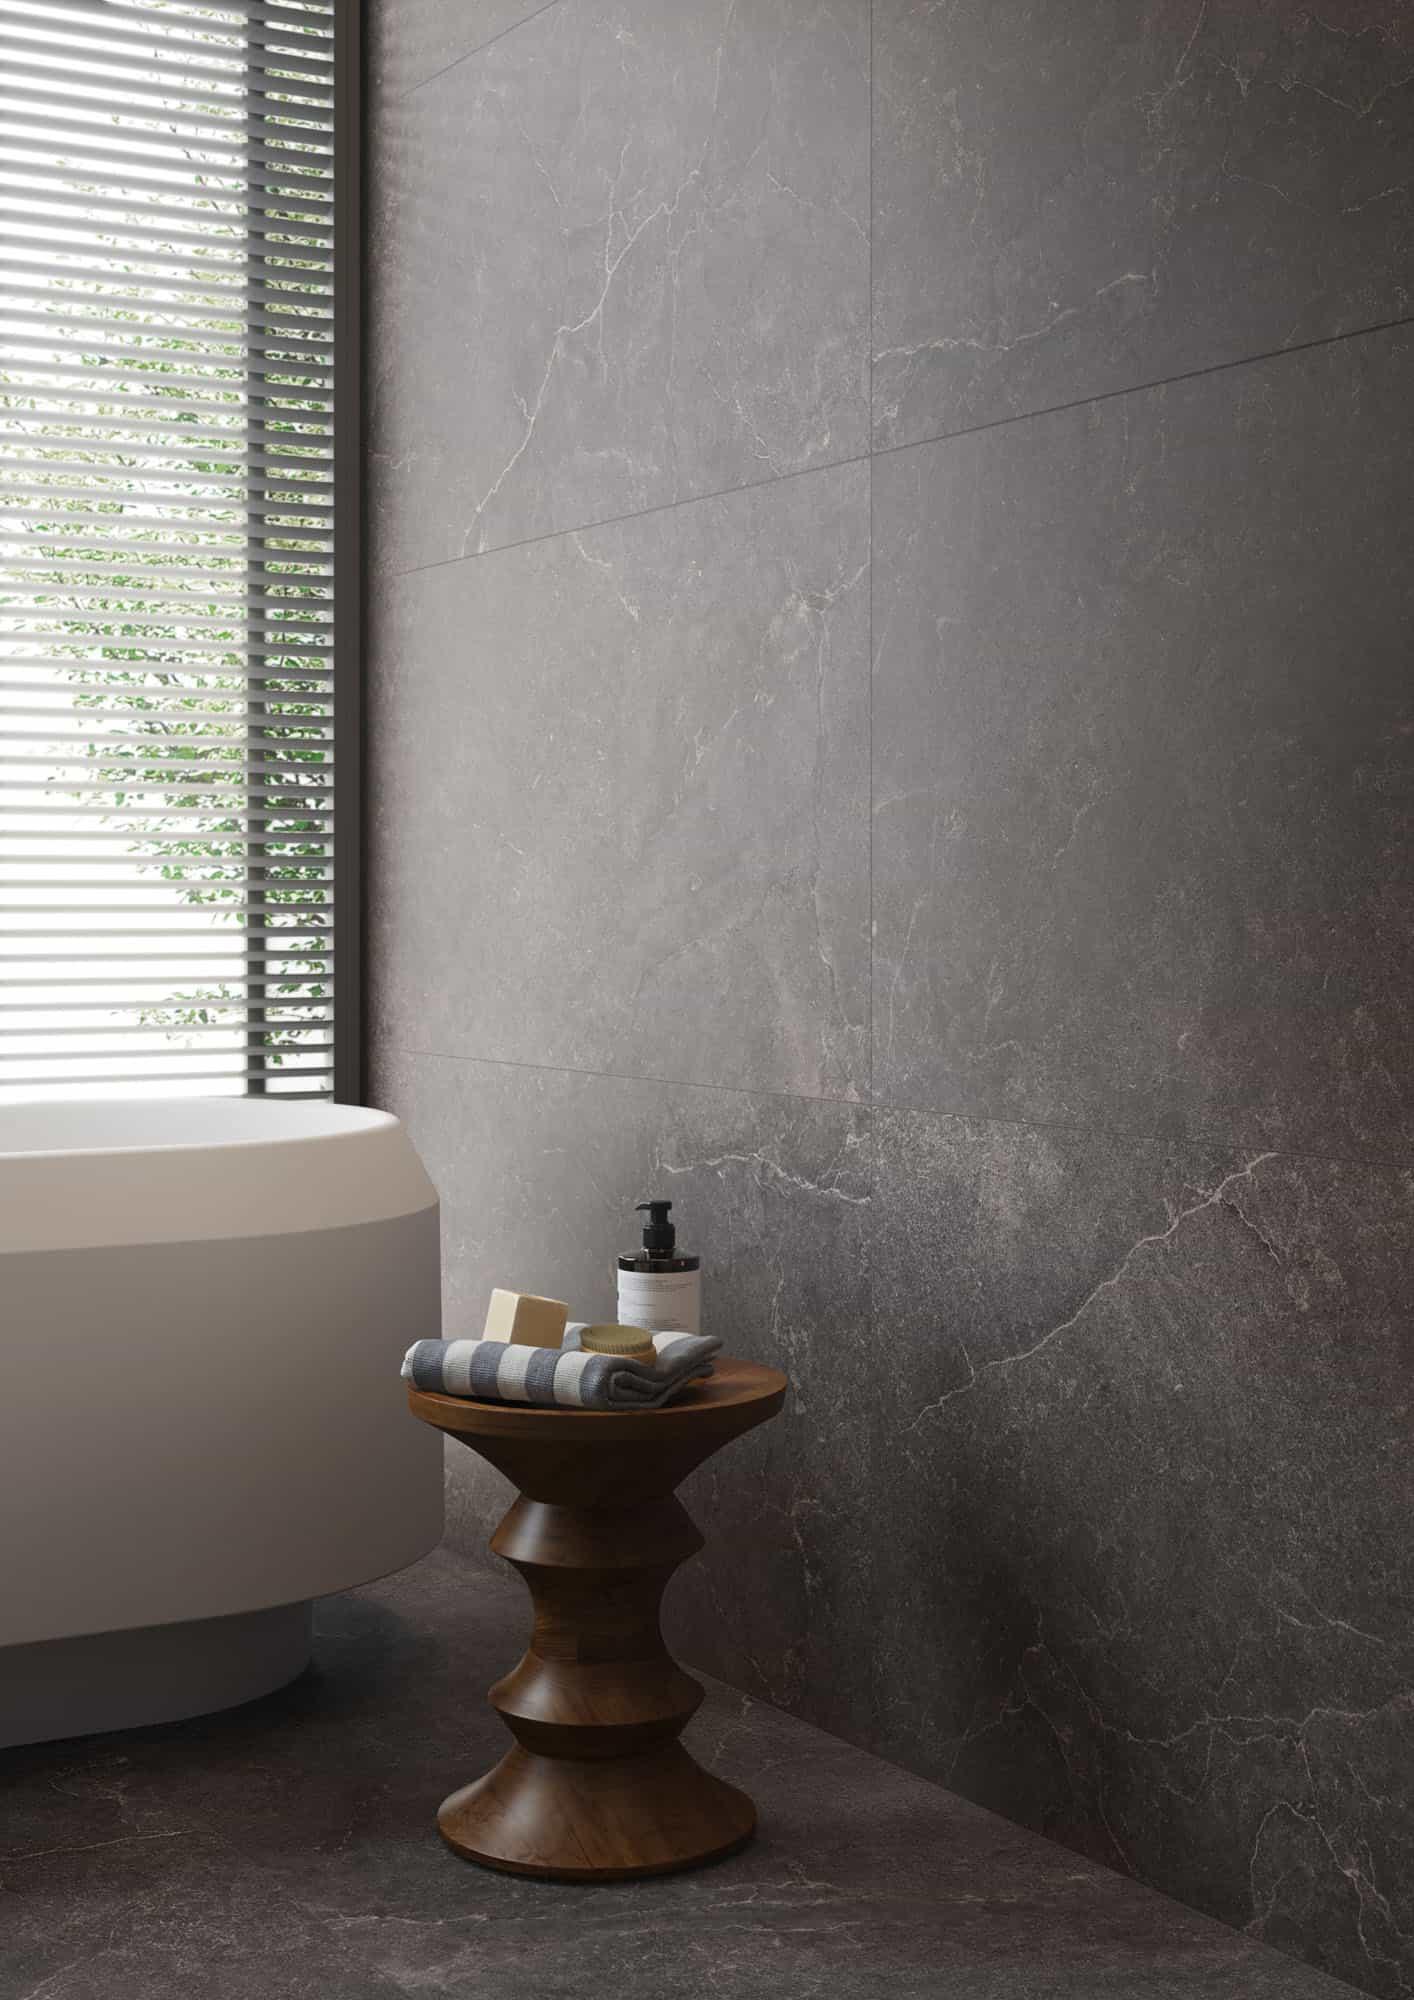 Wandtegels 90x90 - Lithos Carbon - Sabbiata